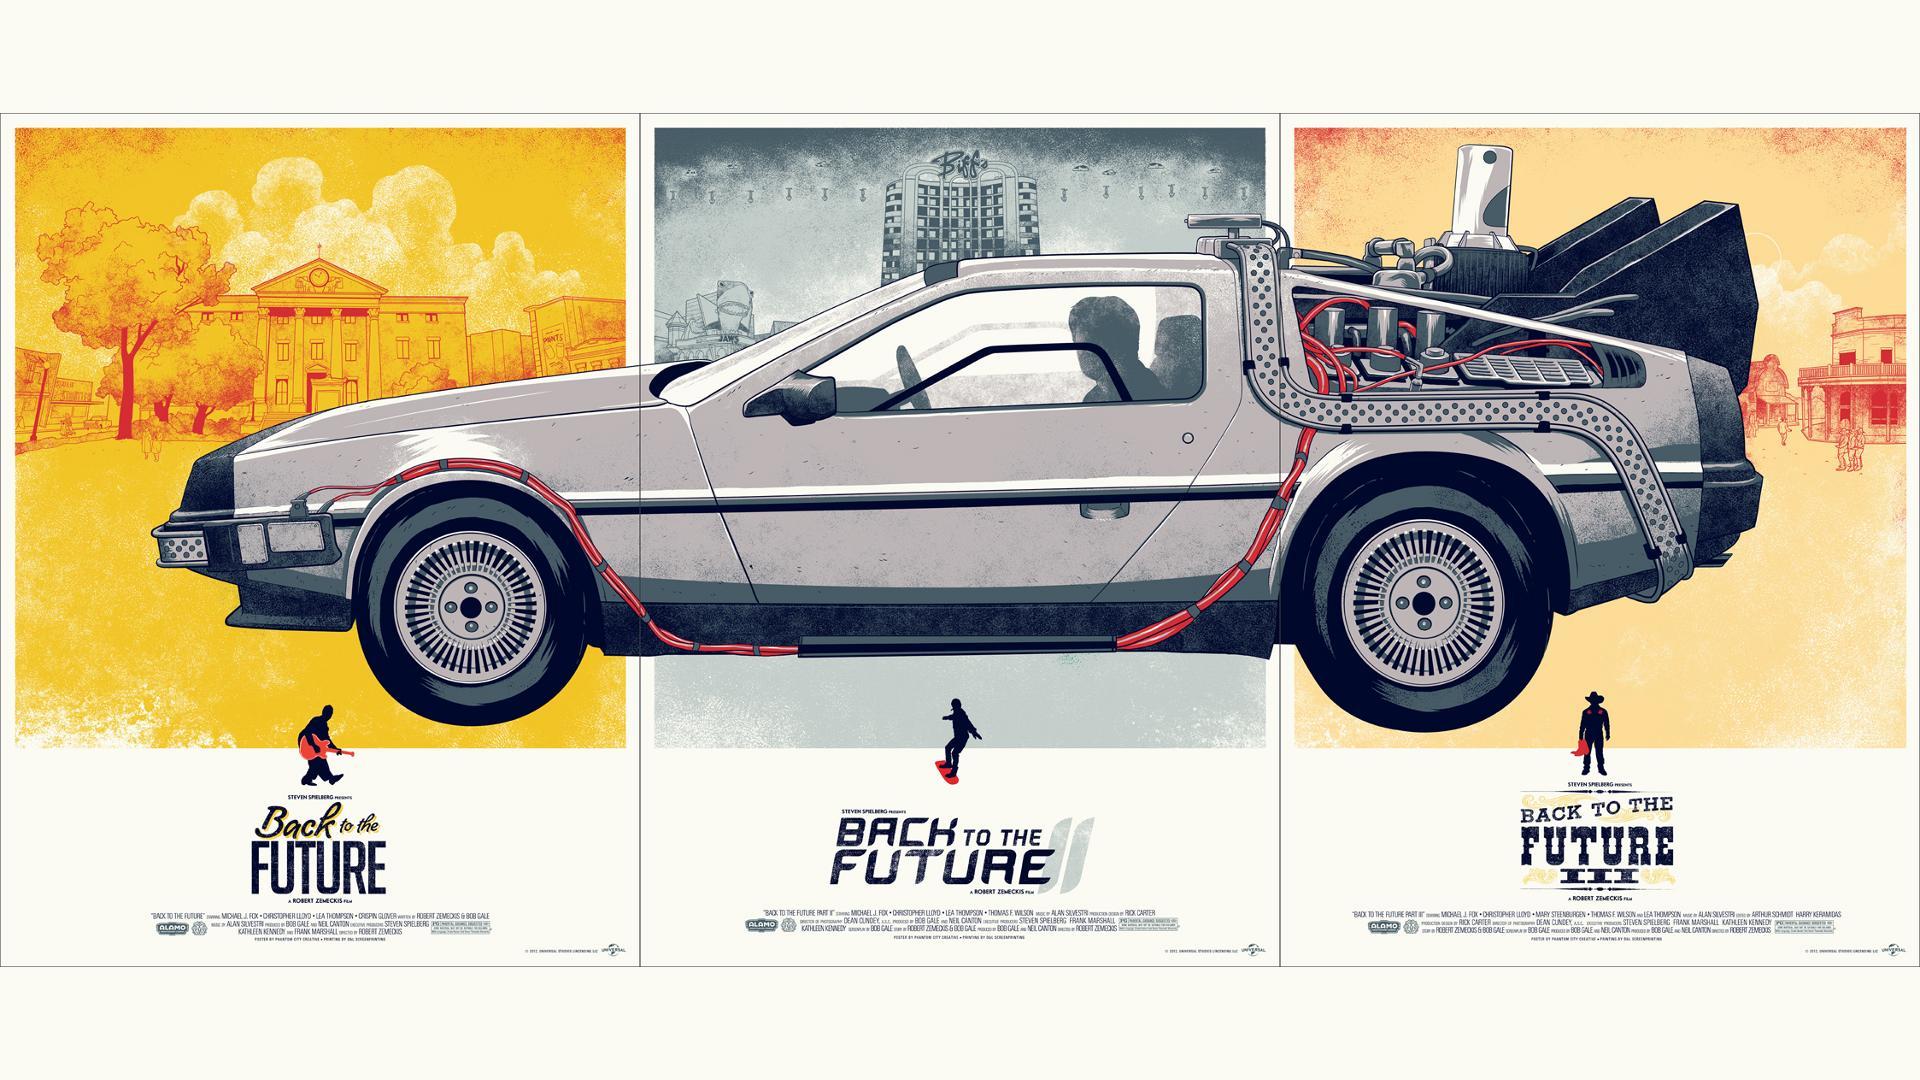 Zurück in die Zukunft - Hintergrundbild